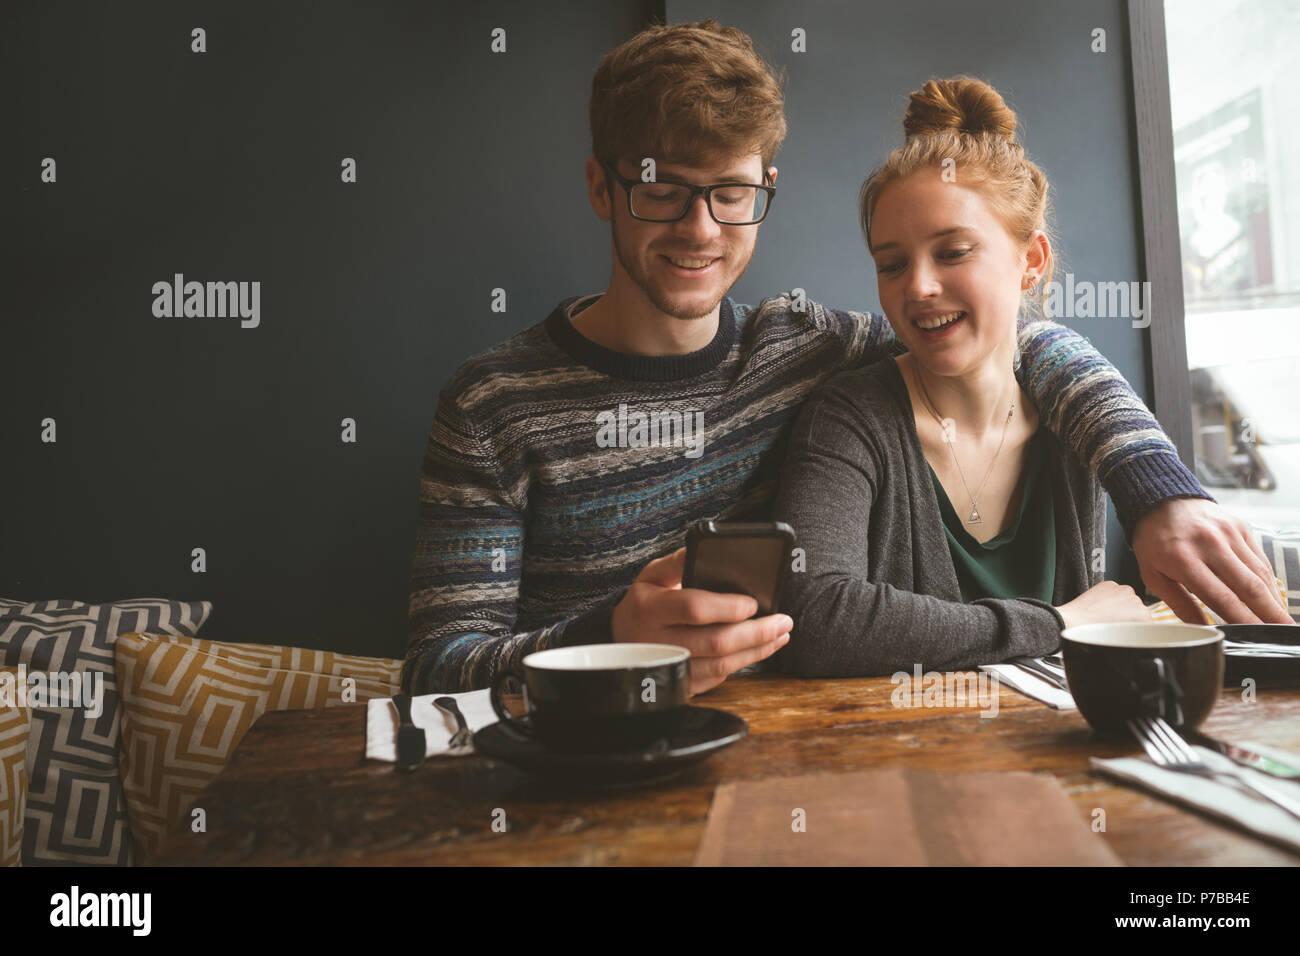 Coppia giovane utilizzando il telefono cellulare Immagini Stock